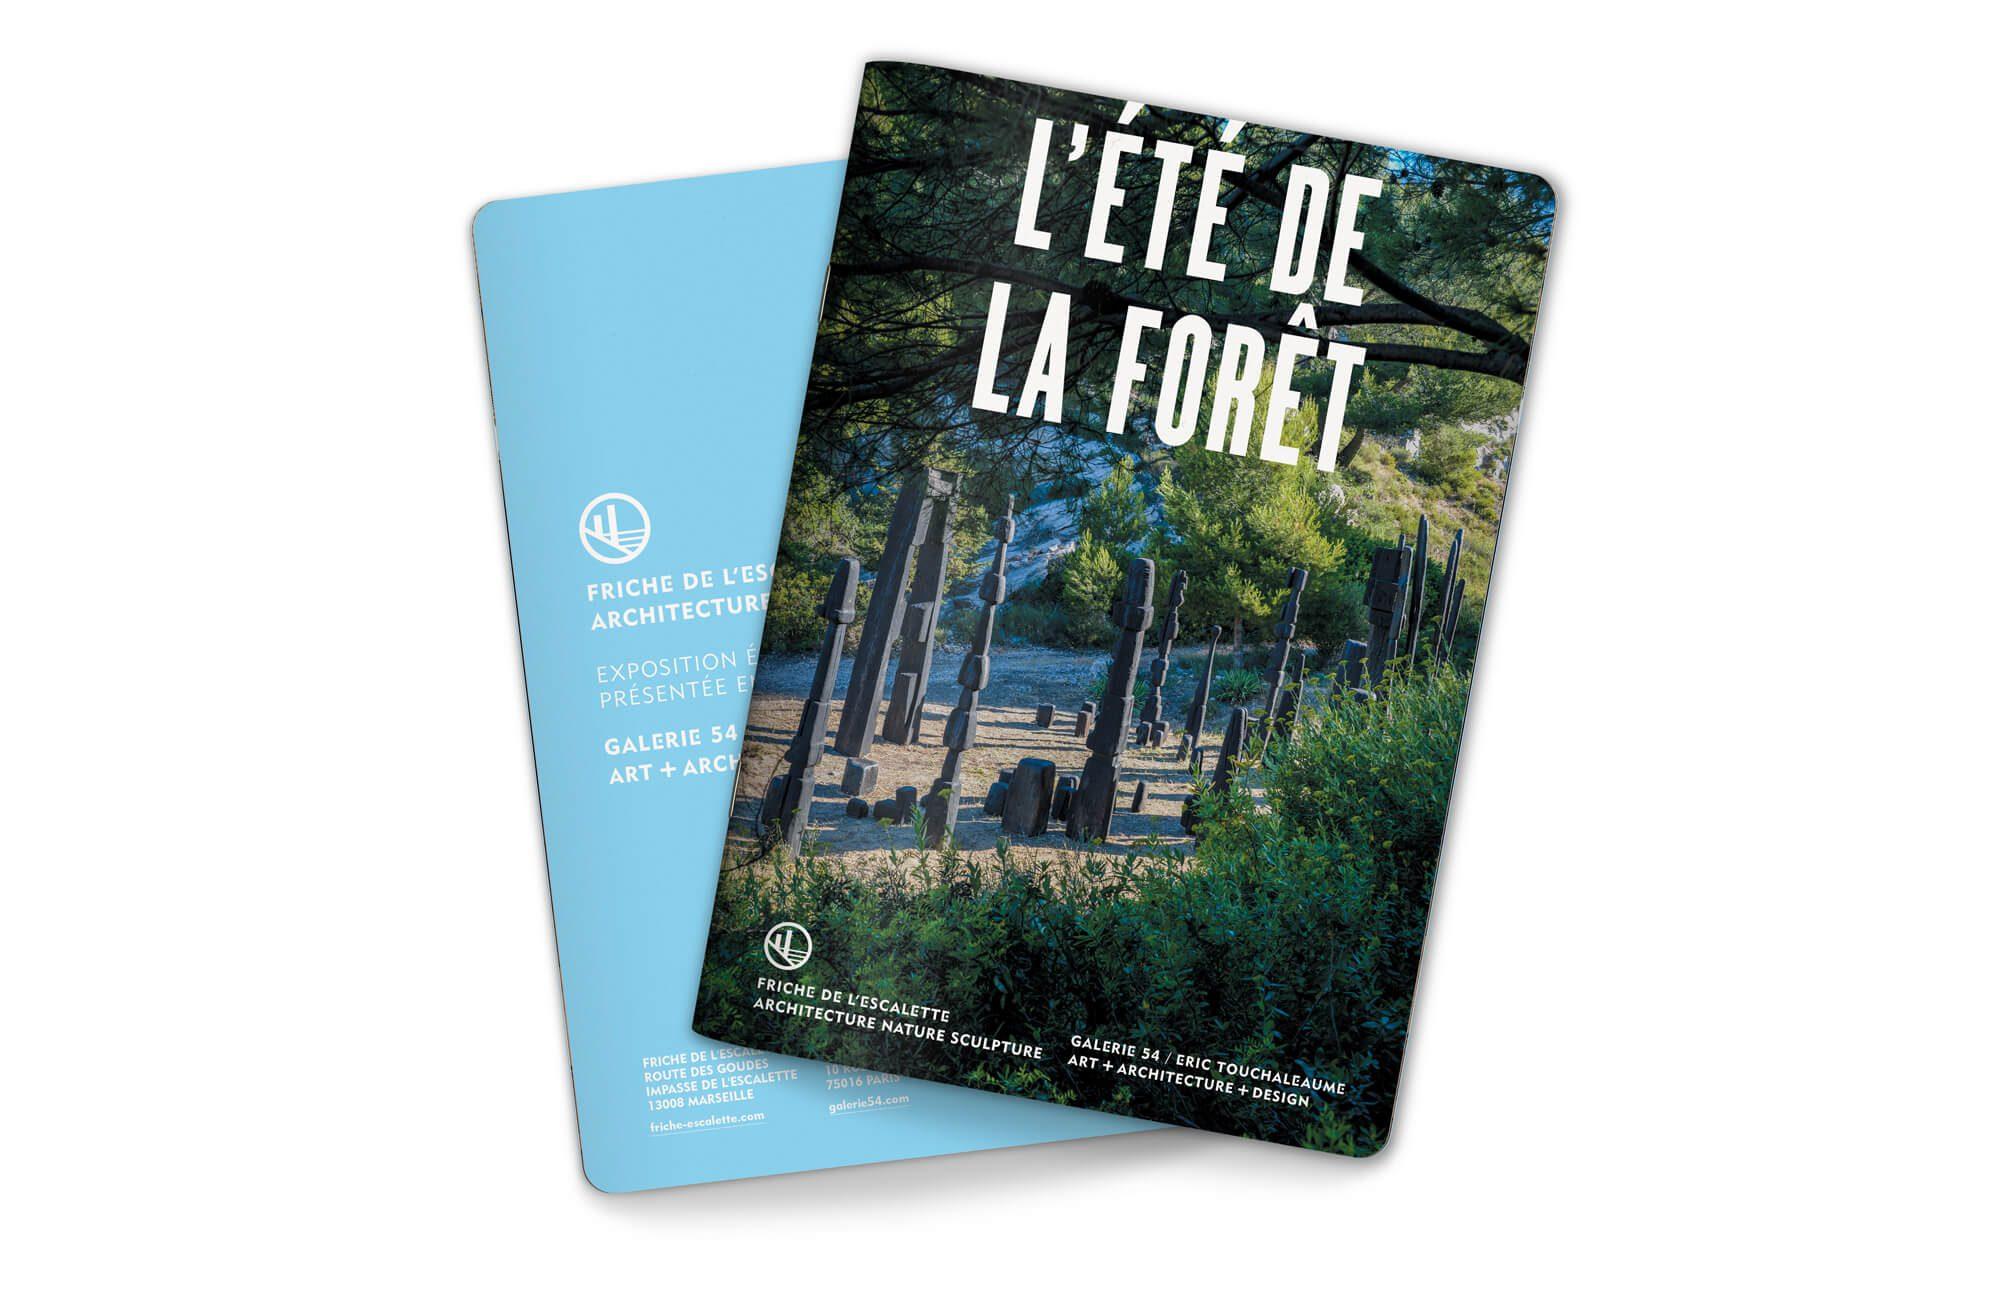 Le livret l'été de la forêt, couverture t 4e de couverture, exposition de Francois Stahly, graphisme et identité IchetKar